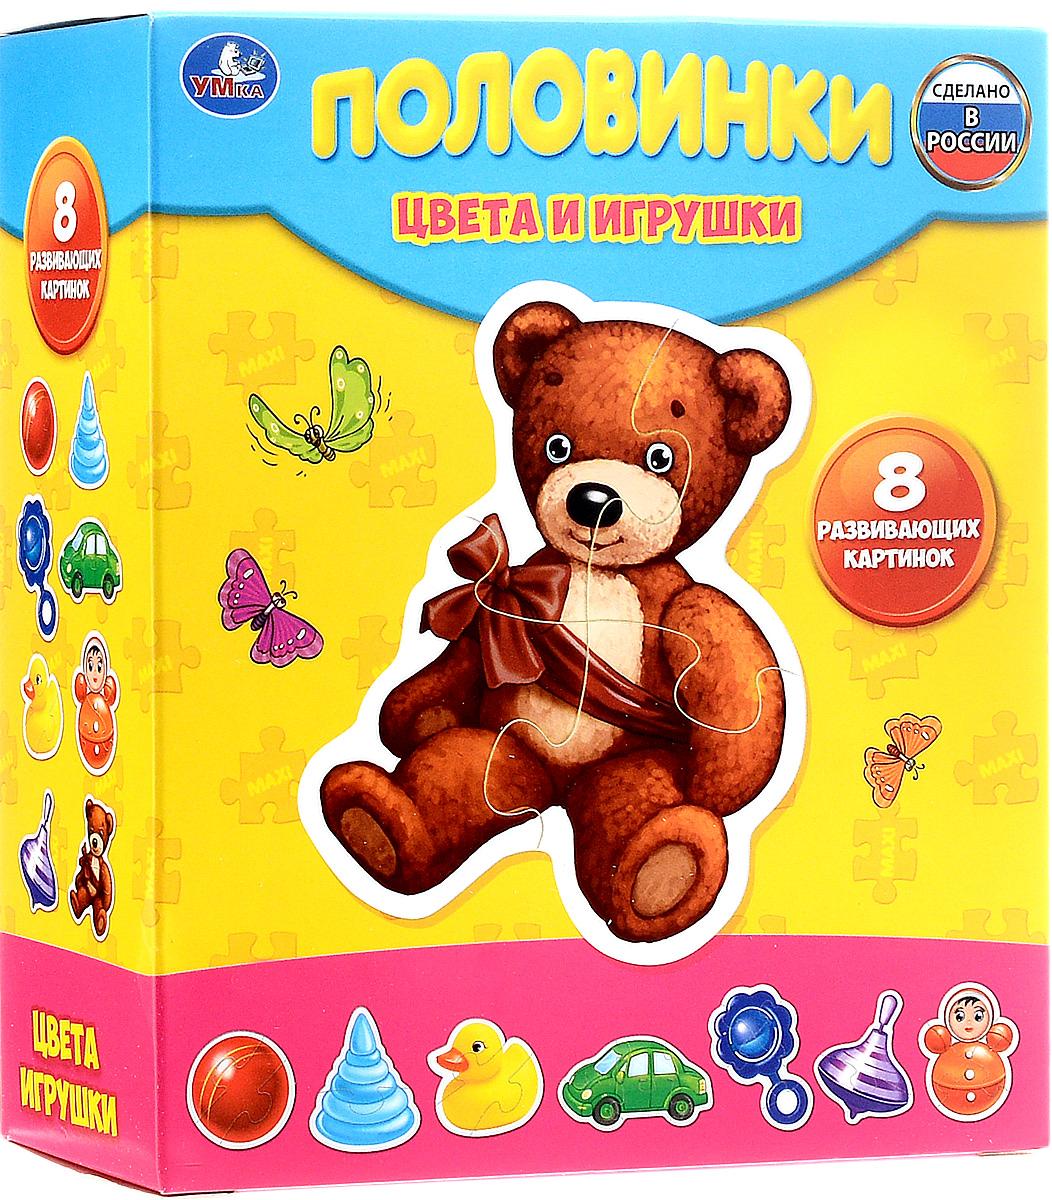 Умка Пазл для малышей Цвета и игрушки 8 в 14690590088494Если вы хотите, чтобы ваш ребенок, играя, еще и одновременно развивался, то стоит обратить внимание на такой вид детского досуга как сборка пазлов. Ведь соединяя отдельные детали, кроха будет улучшать многие полезные навыки, например, мелкую моторику рук или пространственное мышление. В данном наборе Умка Пазл для малышей Цвета и игрушки ребенок обнаружит сразу несколько красочных пазлов, из которых он сможет собрать 8 картинок в виде детских игрушек. В процессе игры малыш сможет развить логическое мышление, а также научится различать цвета. Элементы выполнены из безопасных для детей прочных материалов, высокого качества.